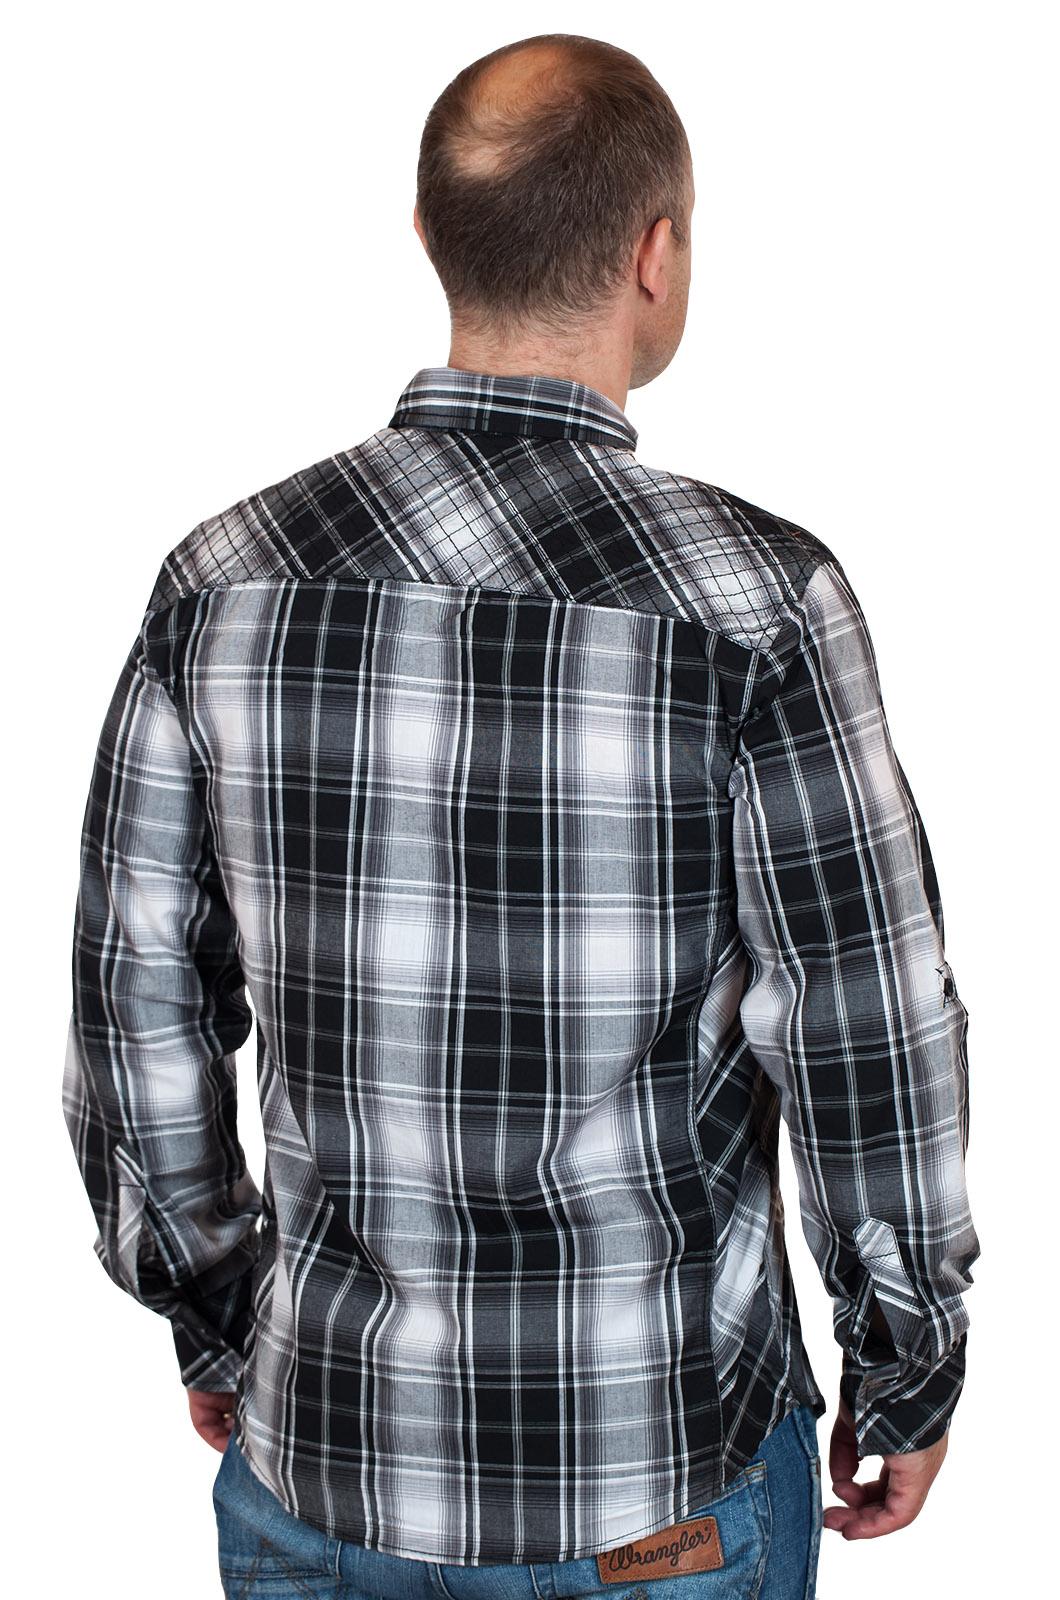 Стильная летняя мужская рубашка Surplus - вид сзади